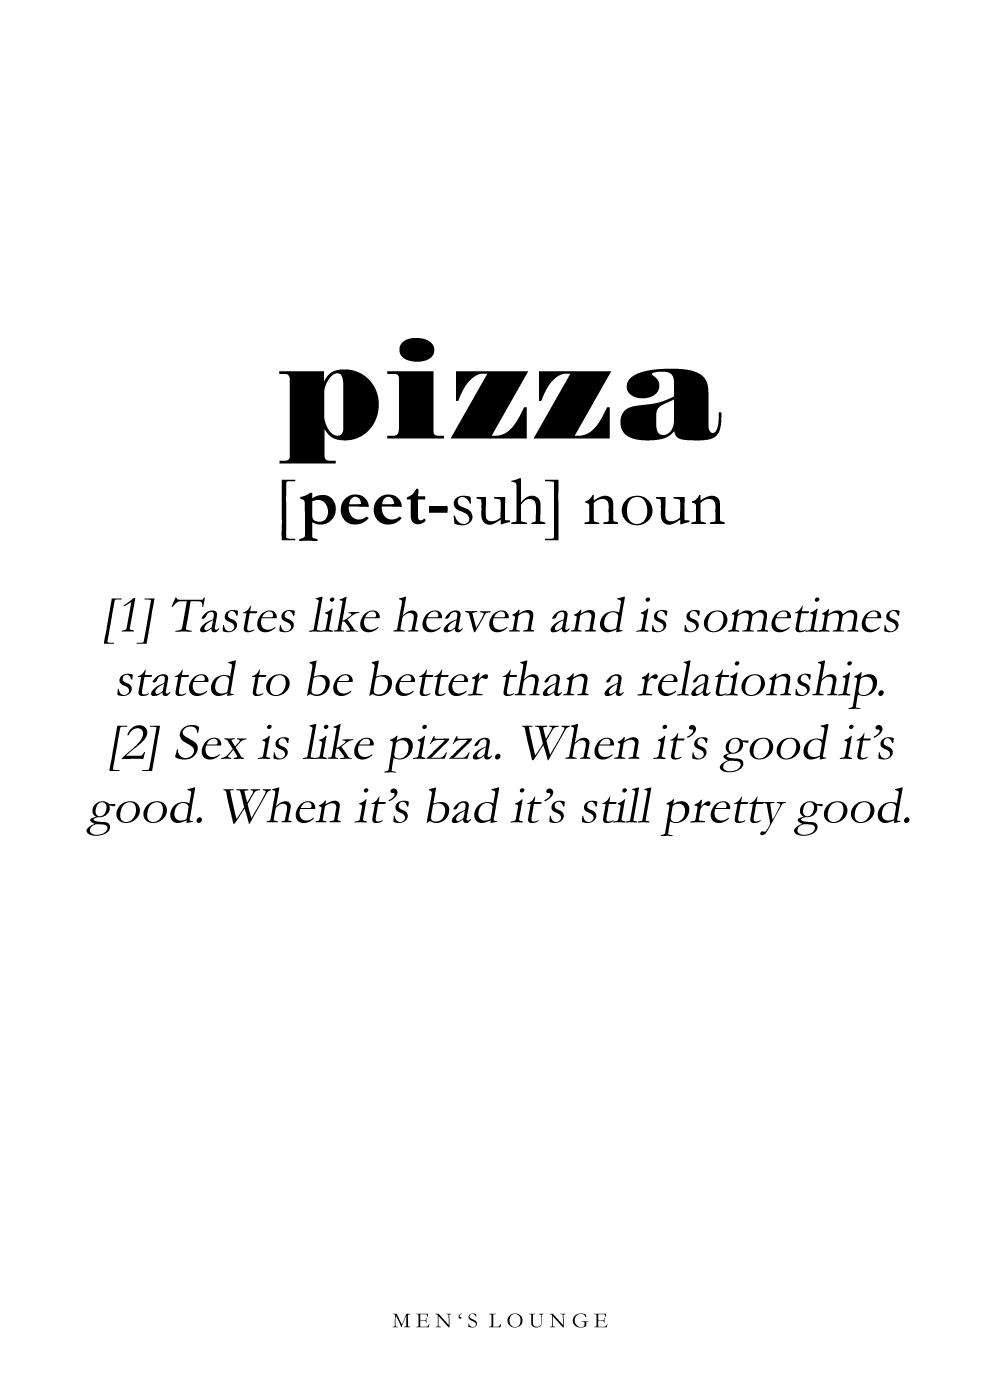 Billede af Pizza definition - Men's Lounge plakat